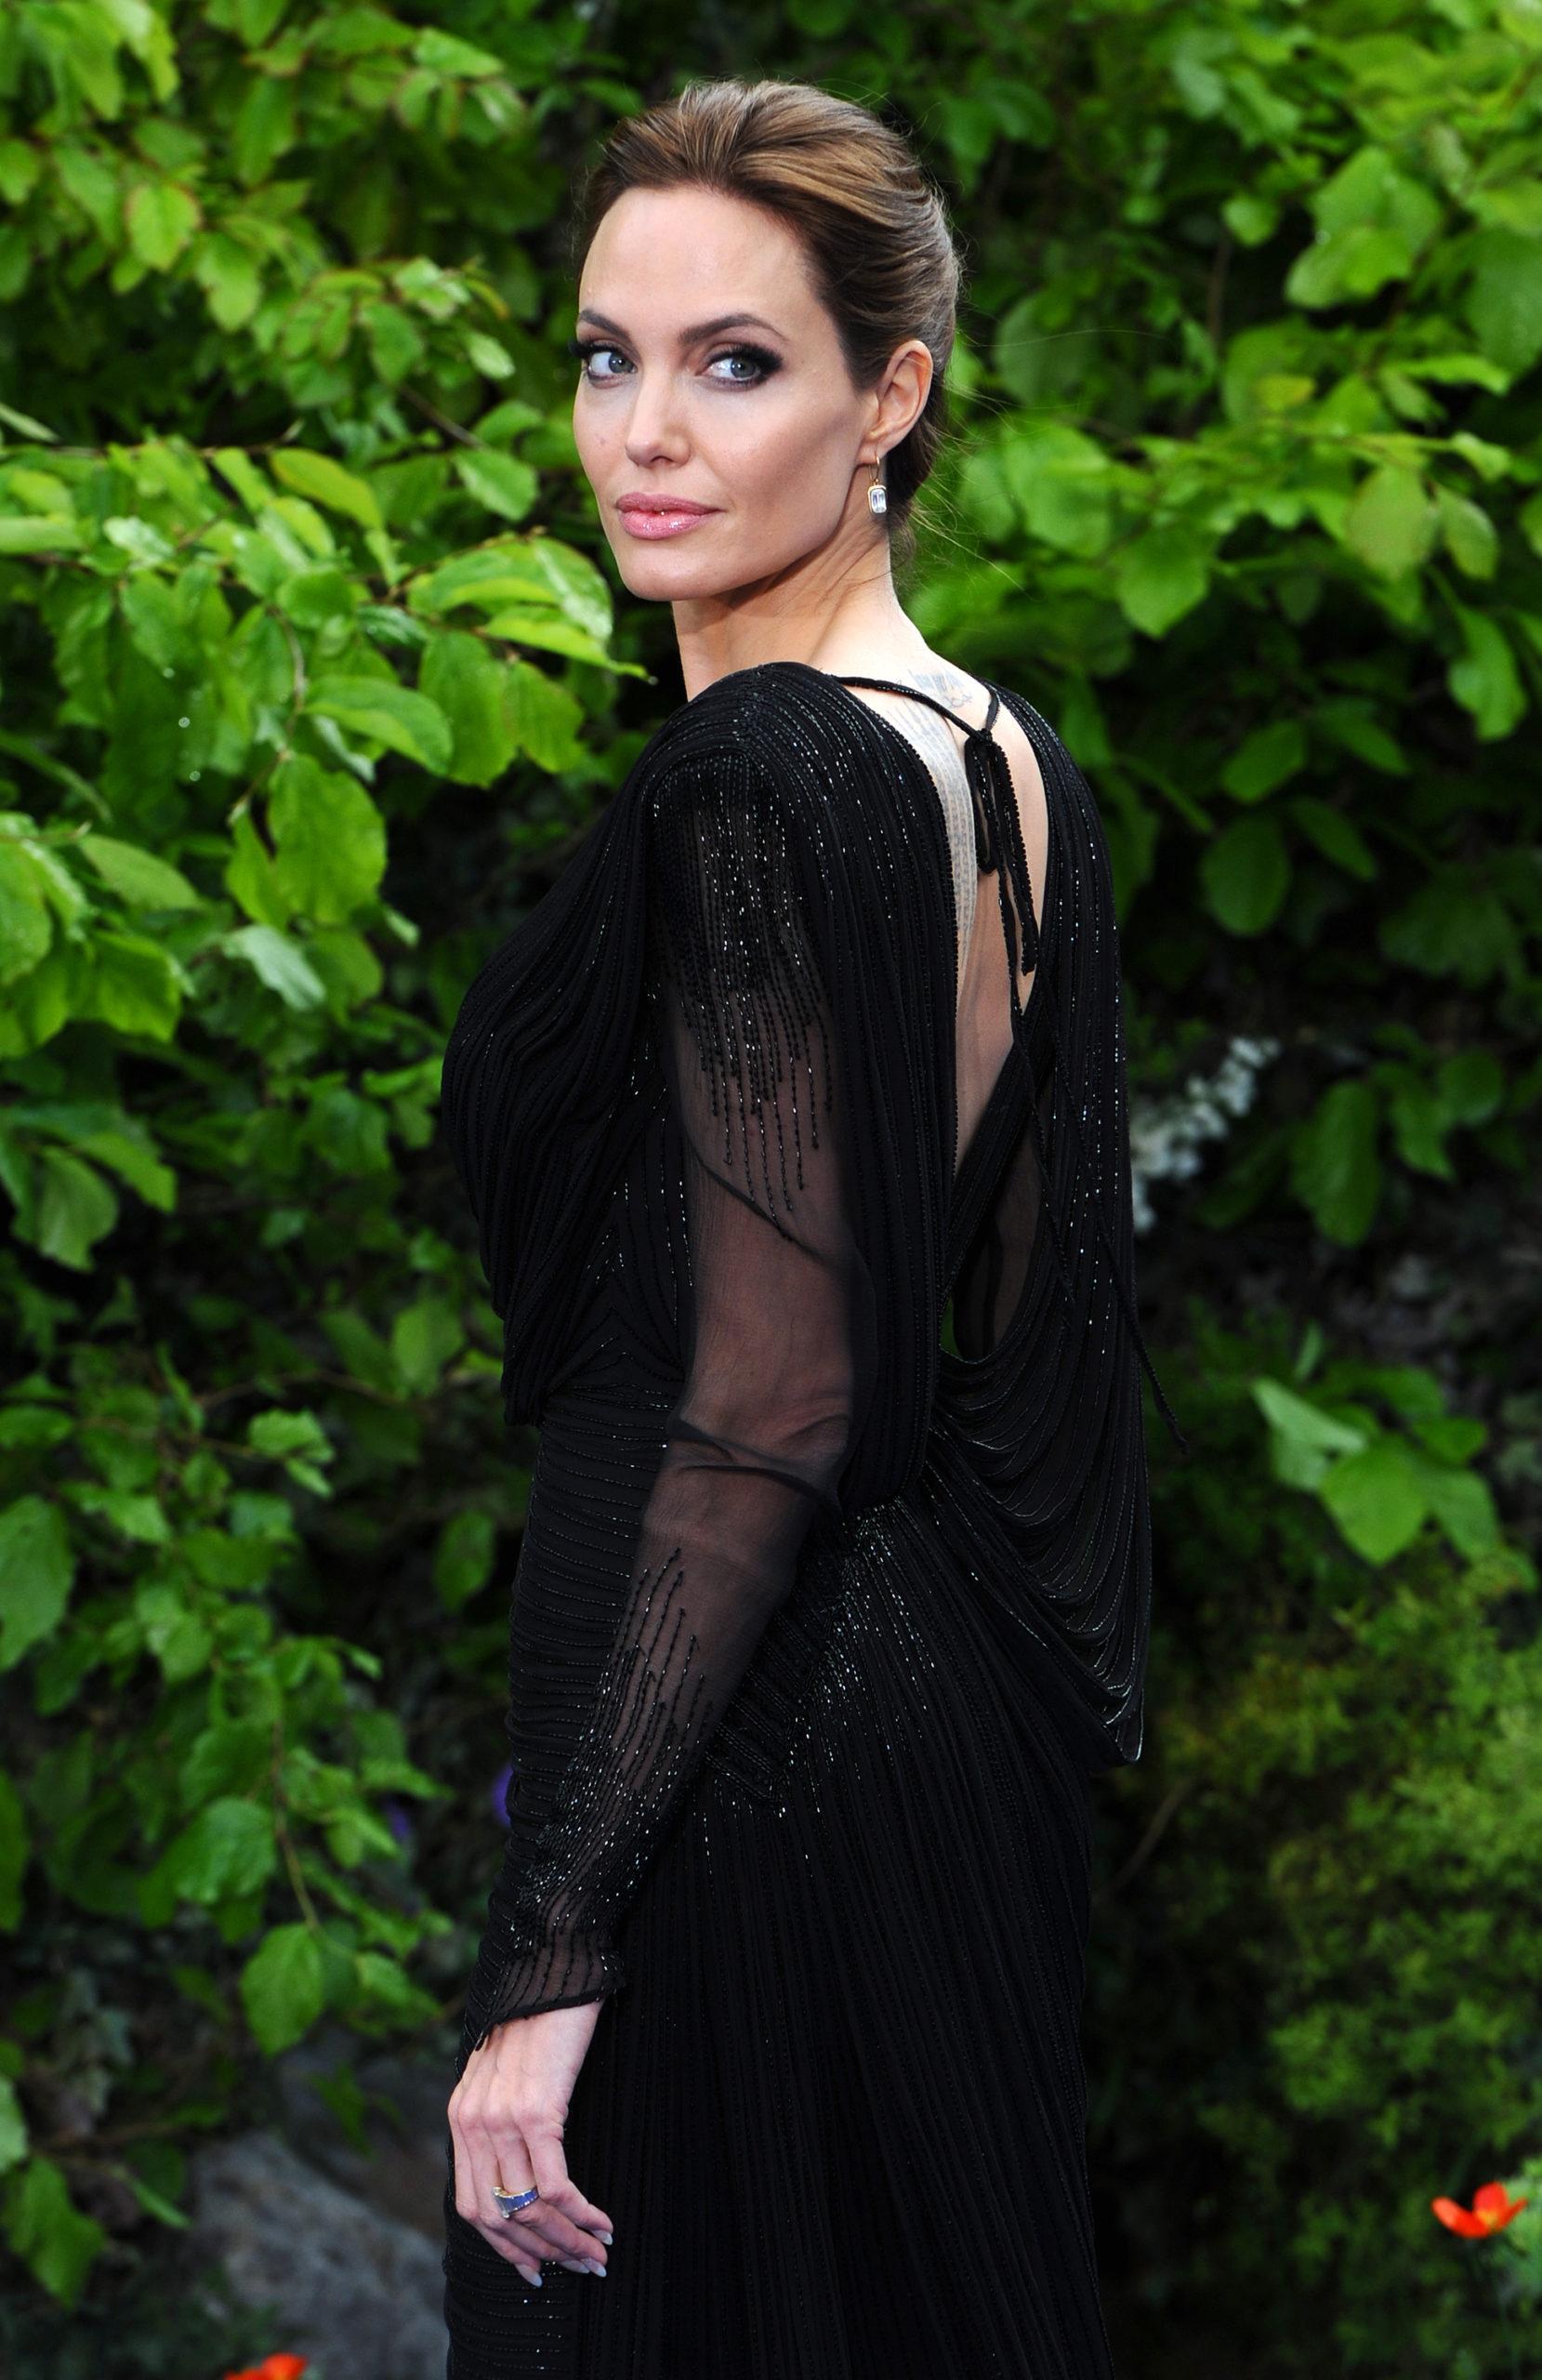 После смерти матери (Маршелин Бертран умерла от рака яичников в 57 лет) Анджелина Джоли решила не ждать страшного диагноза и заранее прошла обследование. Рака у нее обнаружено не было, но риск его появления был высок, поэтому Джоли решилась на мастэктомию (операцию по удалению груди)